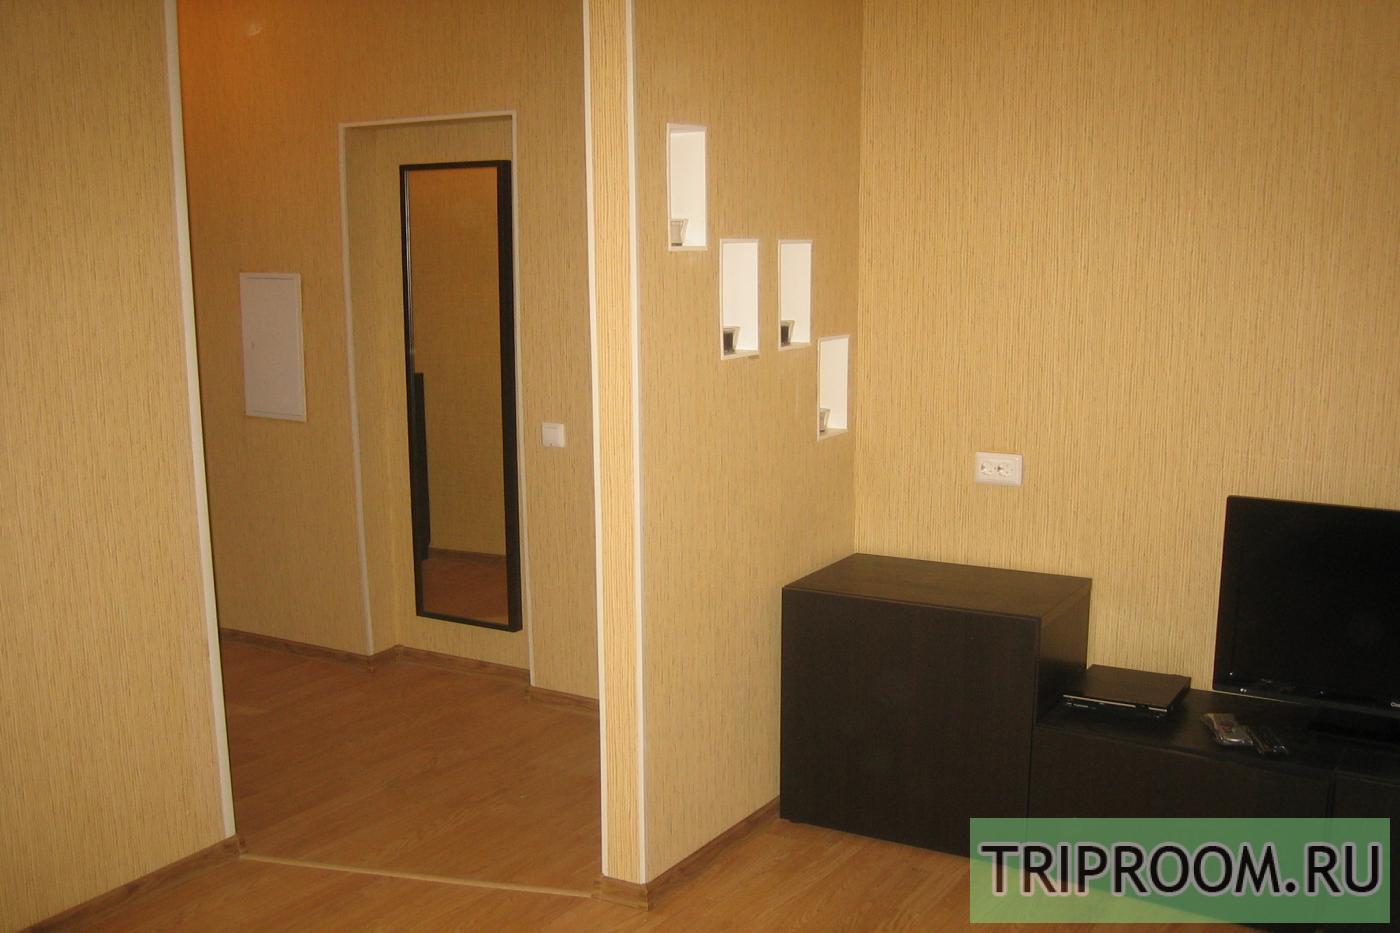 1-комнатная квартира посуточно (вариант № 5966), ул. Гоголя улица, фото № 3